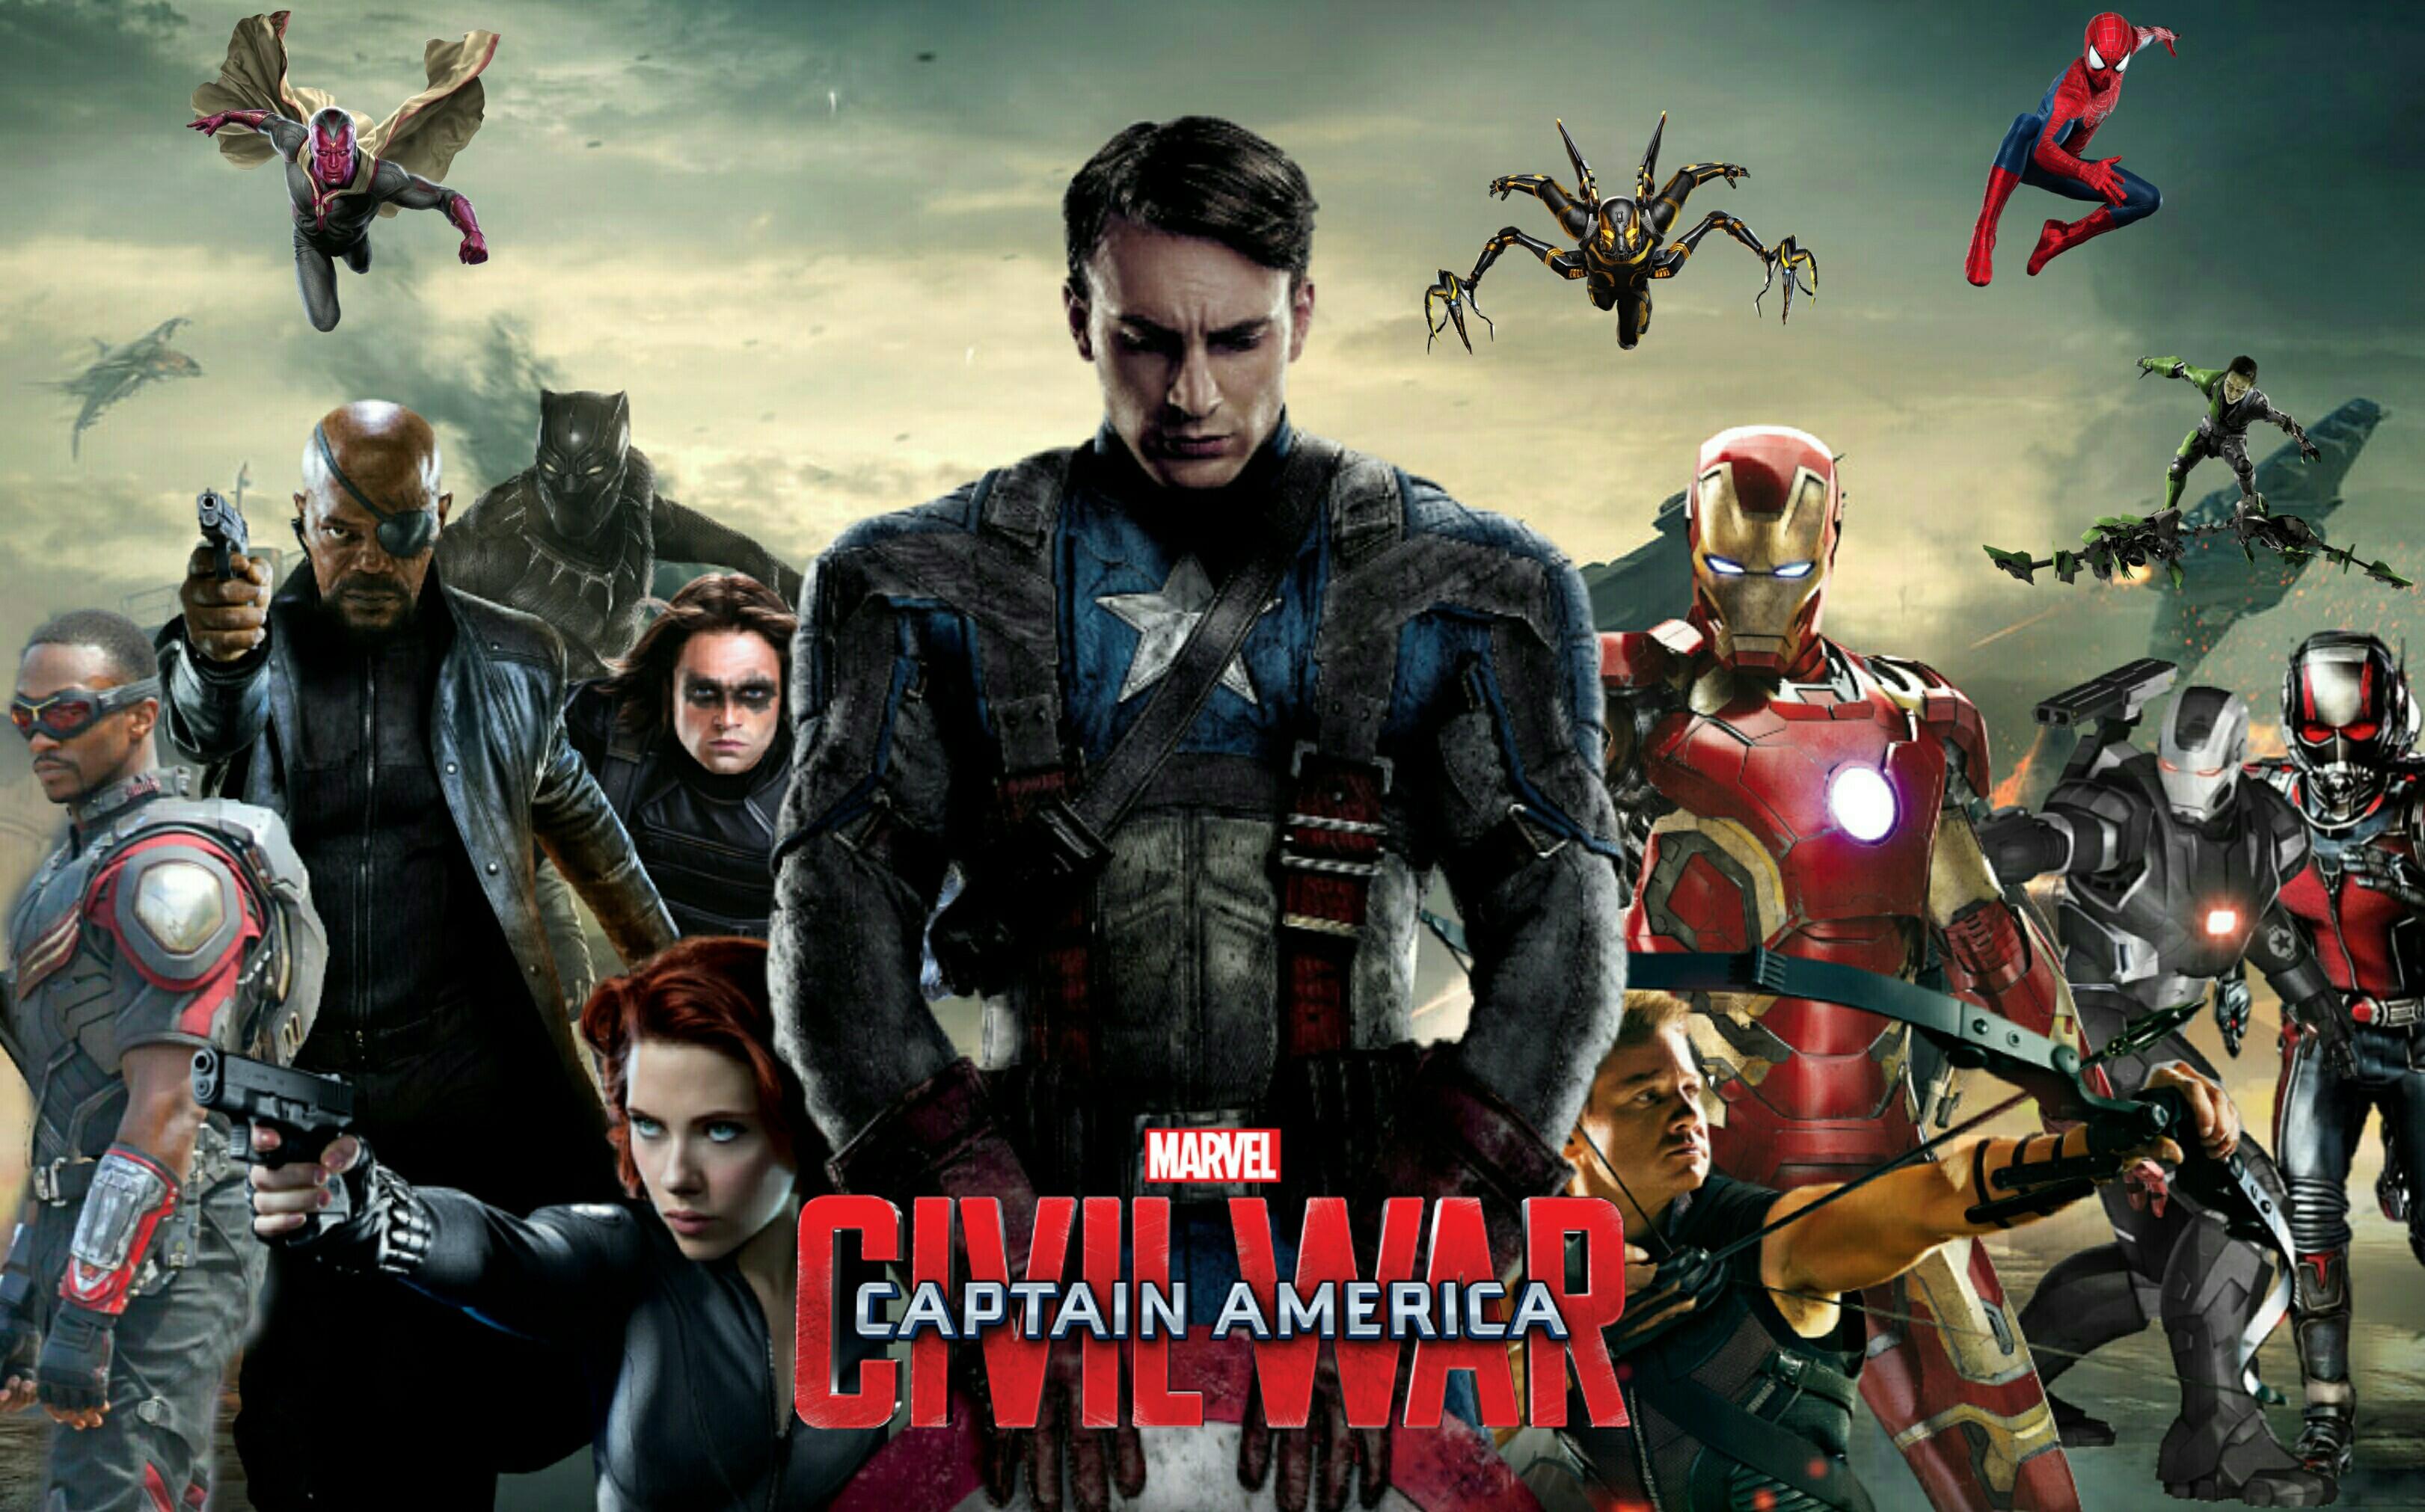 Captain America Civil War 1080p Wallpapers Wallpaper HD Desktop 3242x2022